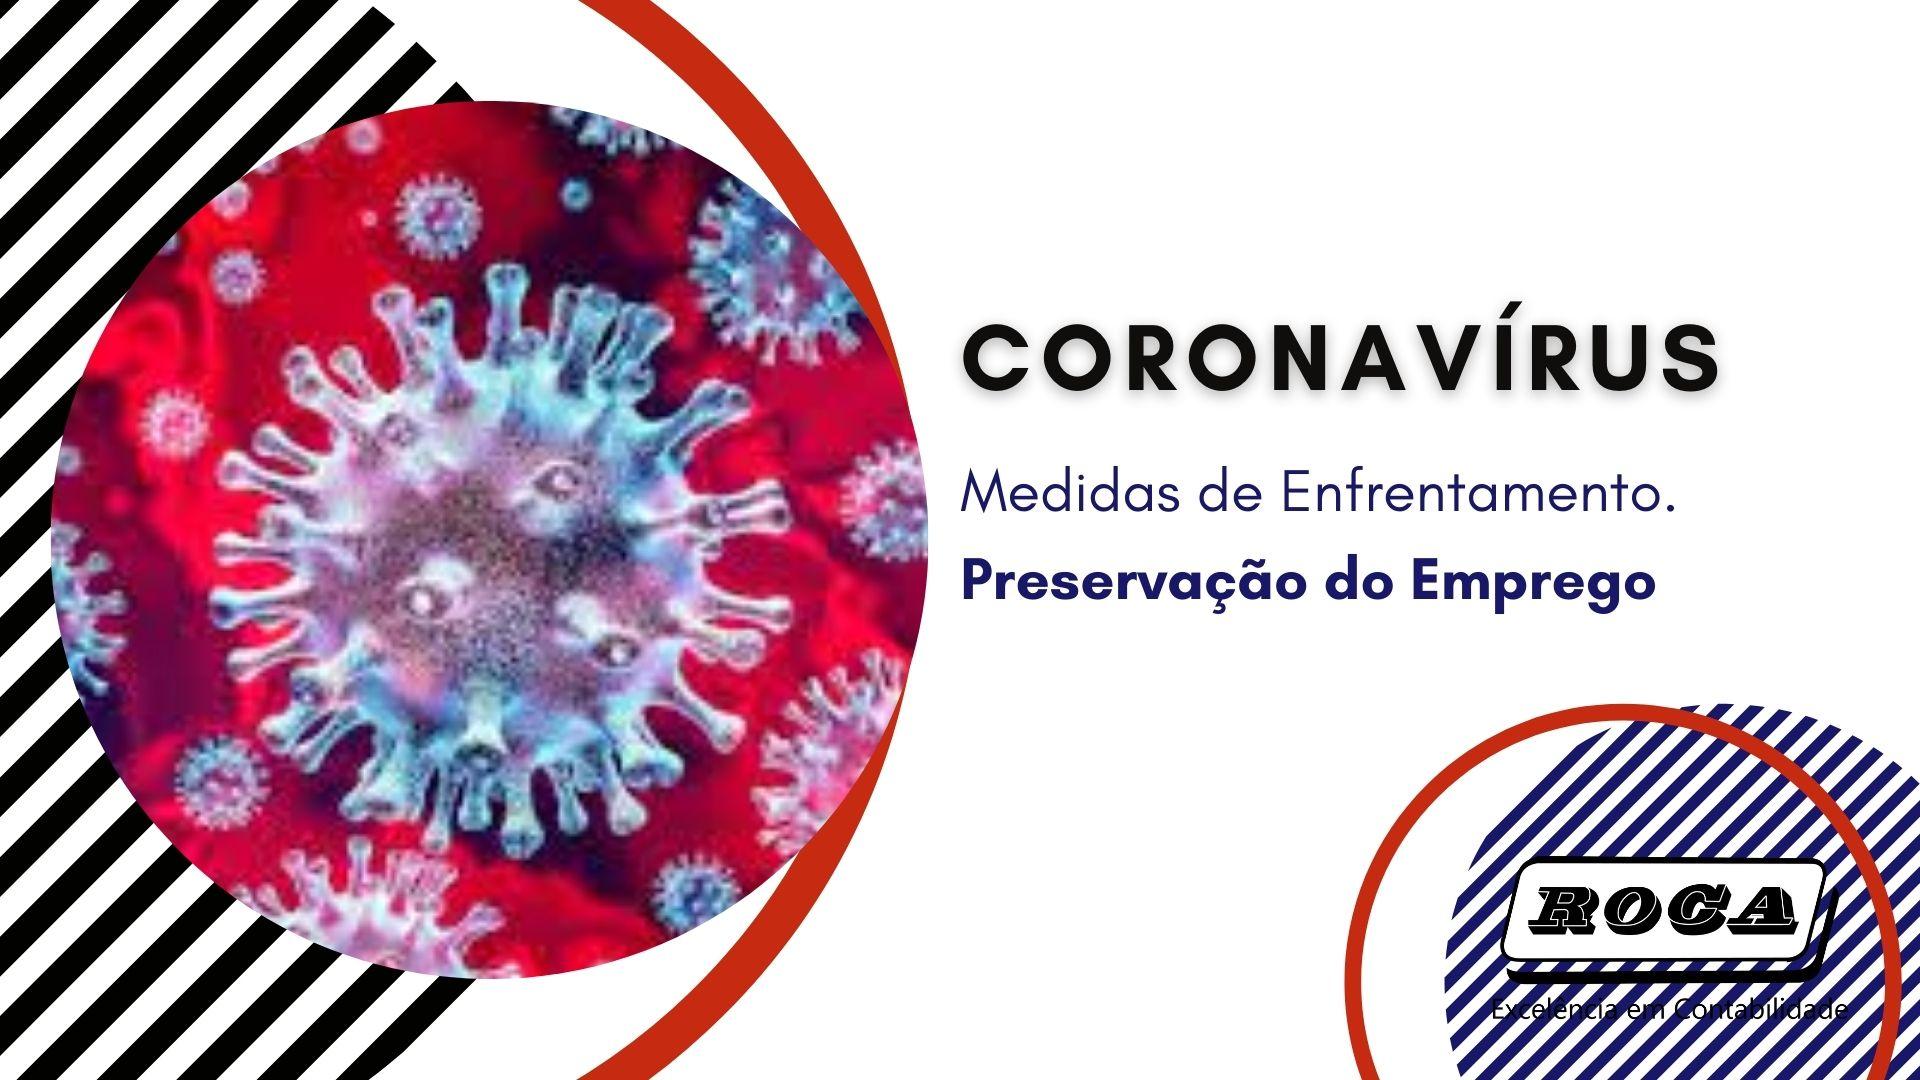 CORONAVÍRUS – Medidas De Enfrentamento. Preservação Do Emprego